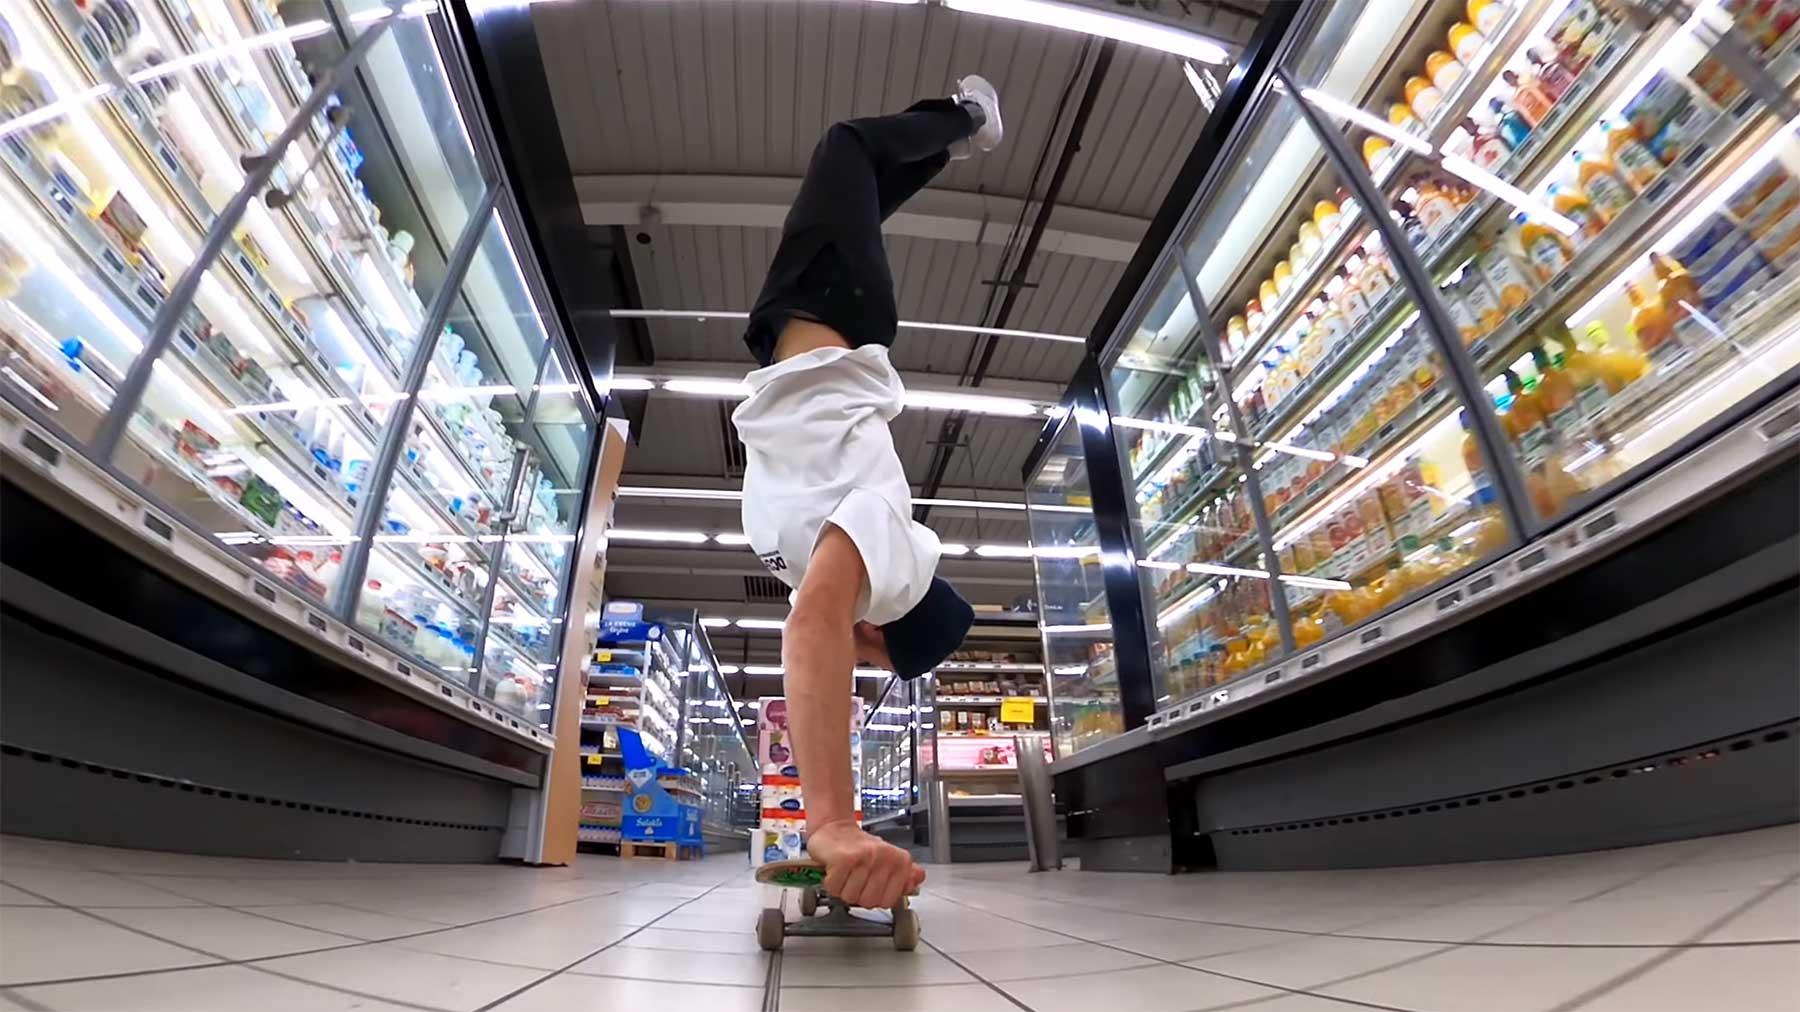 Eine Runde mit dem Skateboard durch den Supermarkt fahren